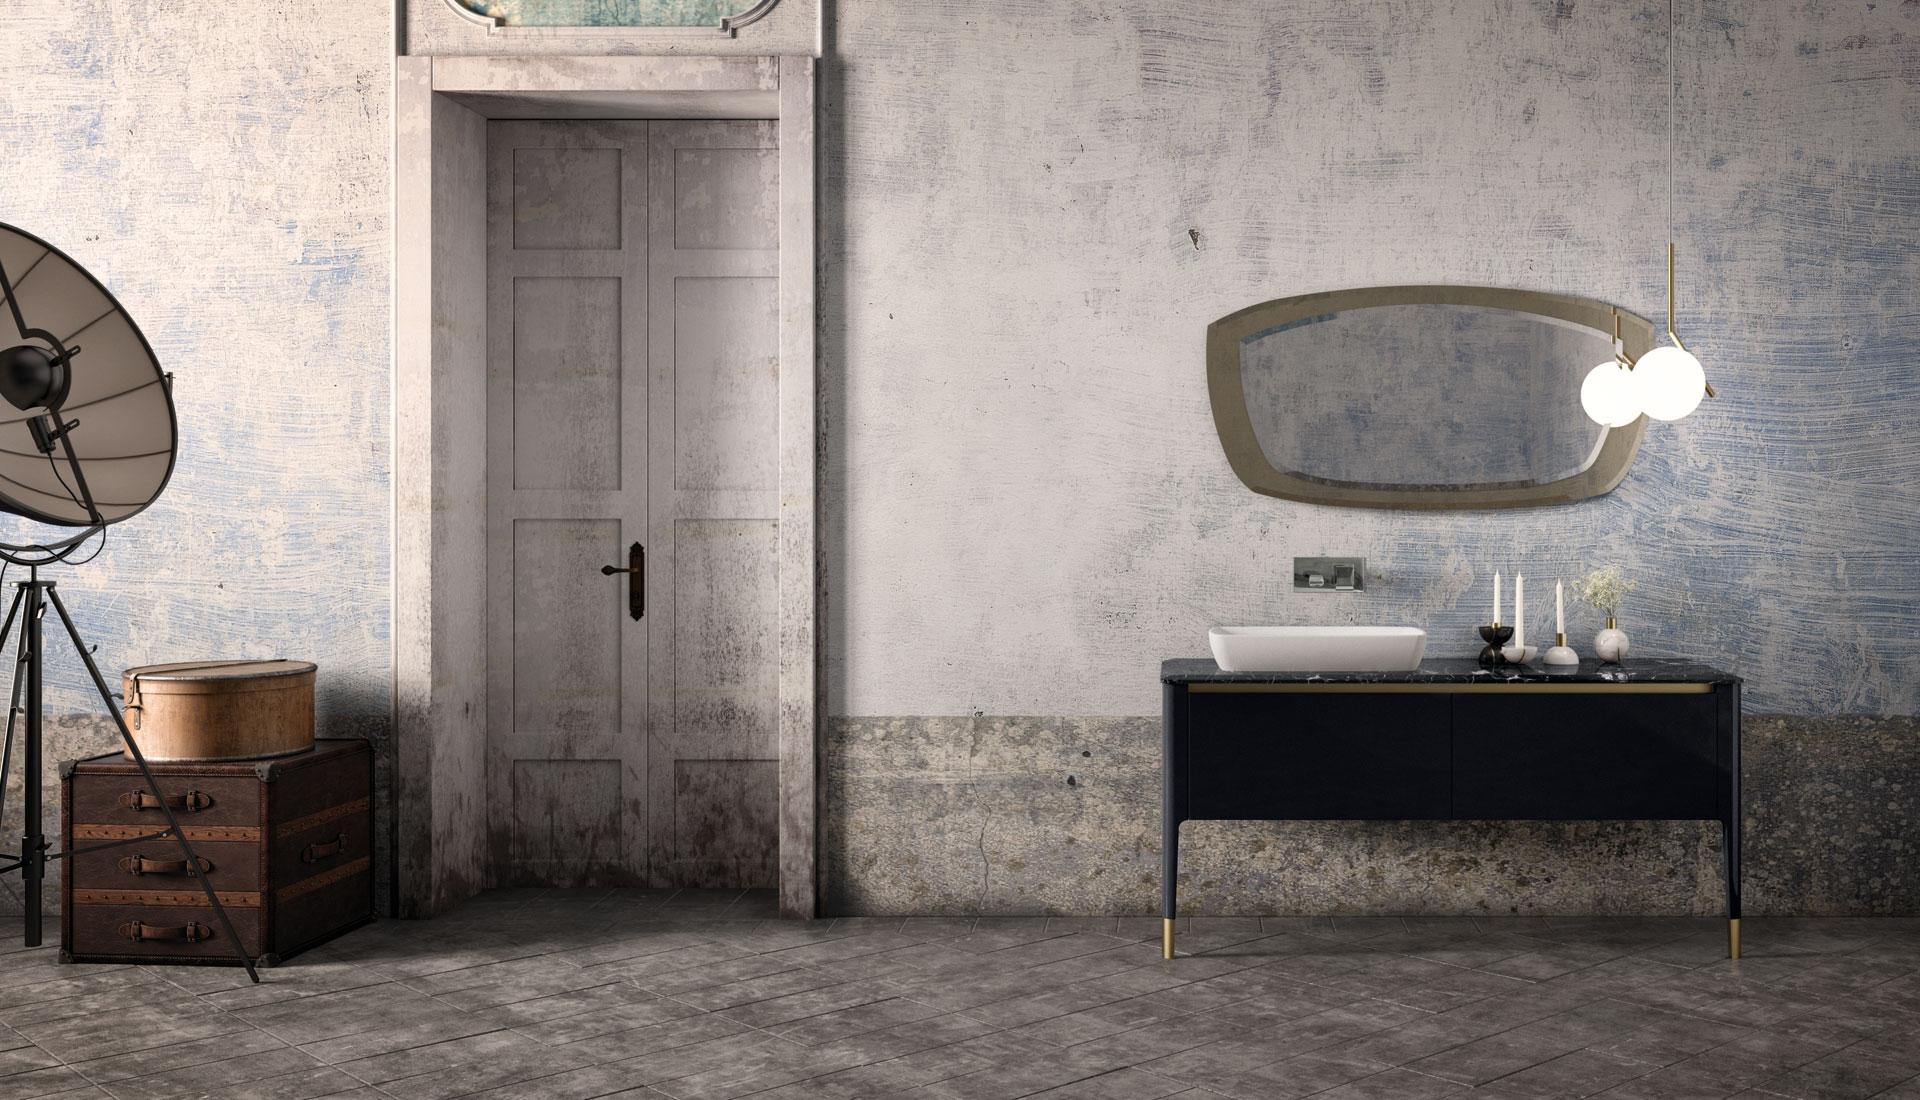 Arredo bagno puntotre mobili e arredamento bagno per la casa for 2 piani letto 2 bagni